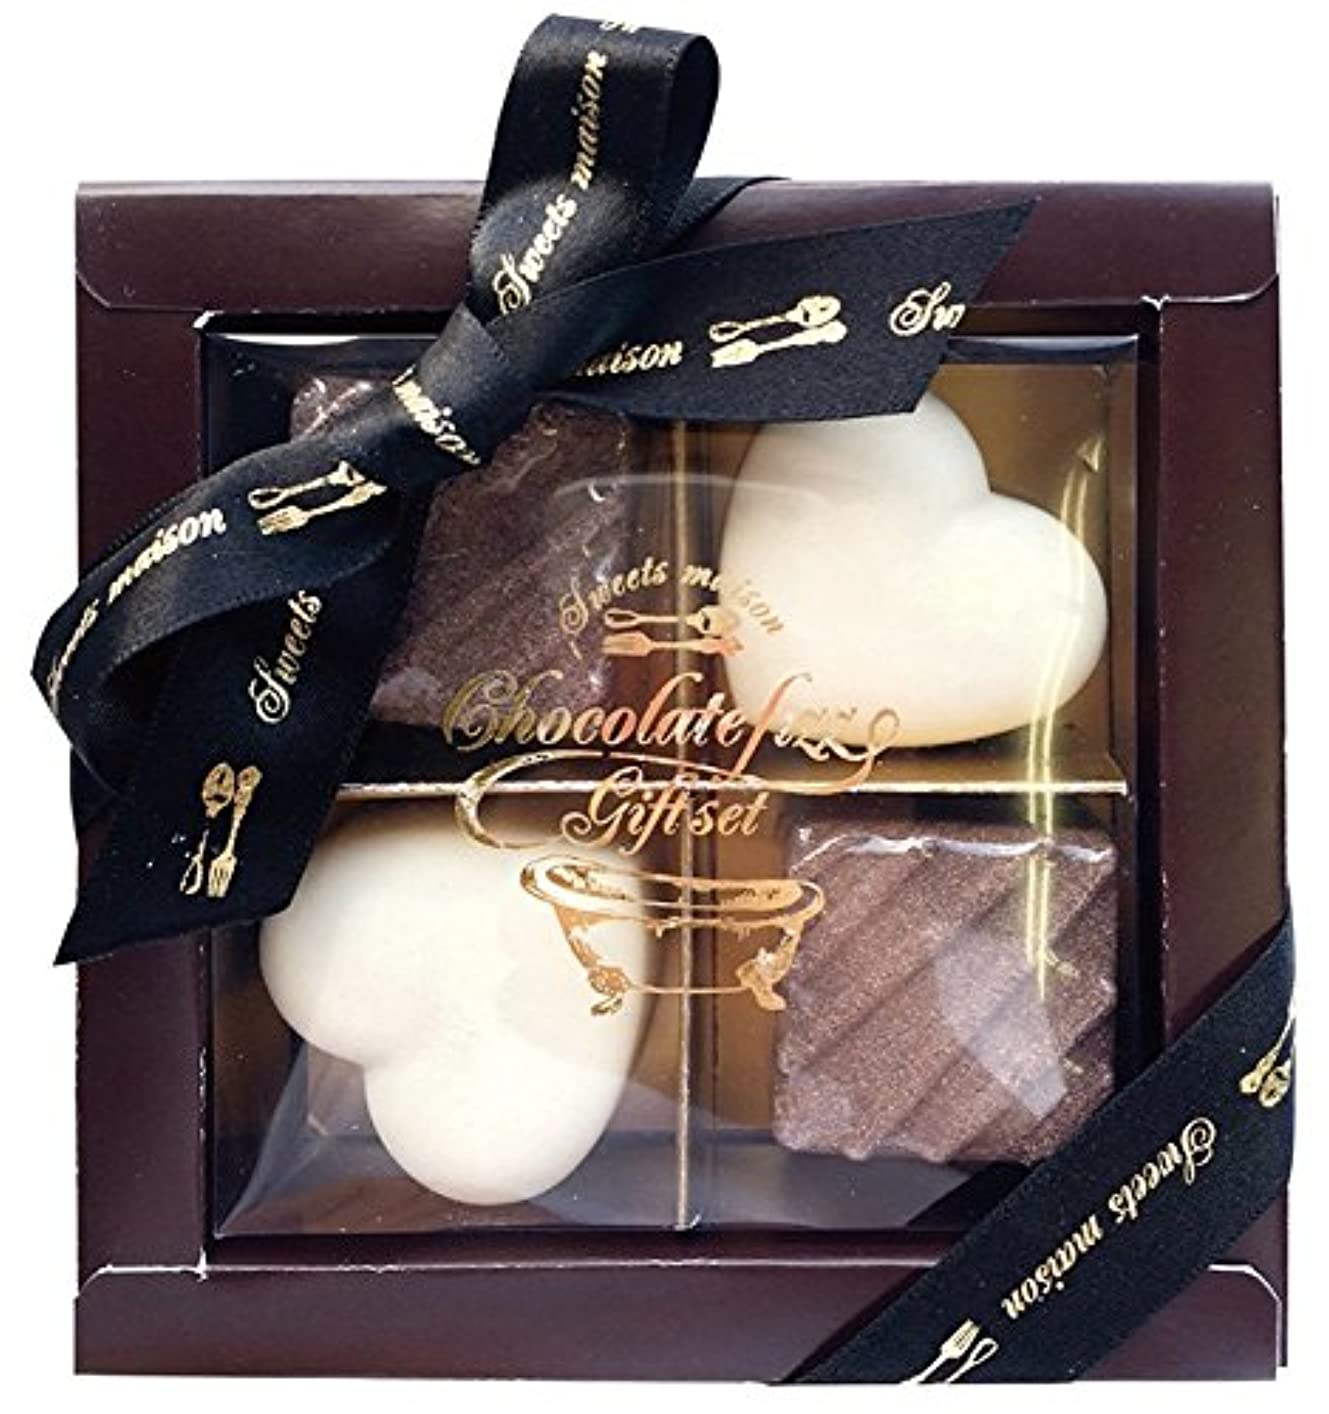 カカドゥおとこ研究所ノルコーポレーション 入浴剤 ギフトセット チョコレートフィズ ブラウンボックス OB-SMG-5-1